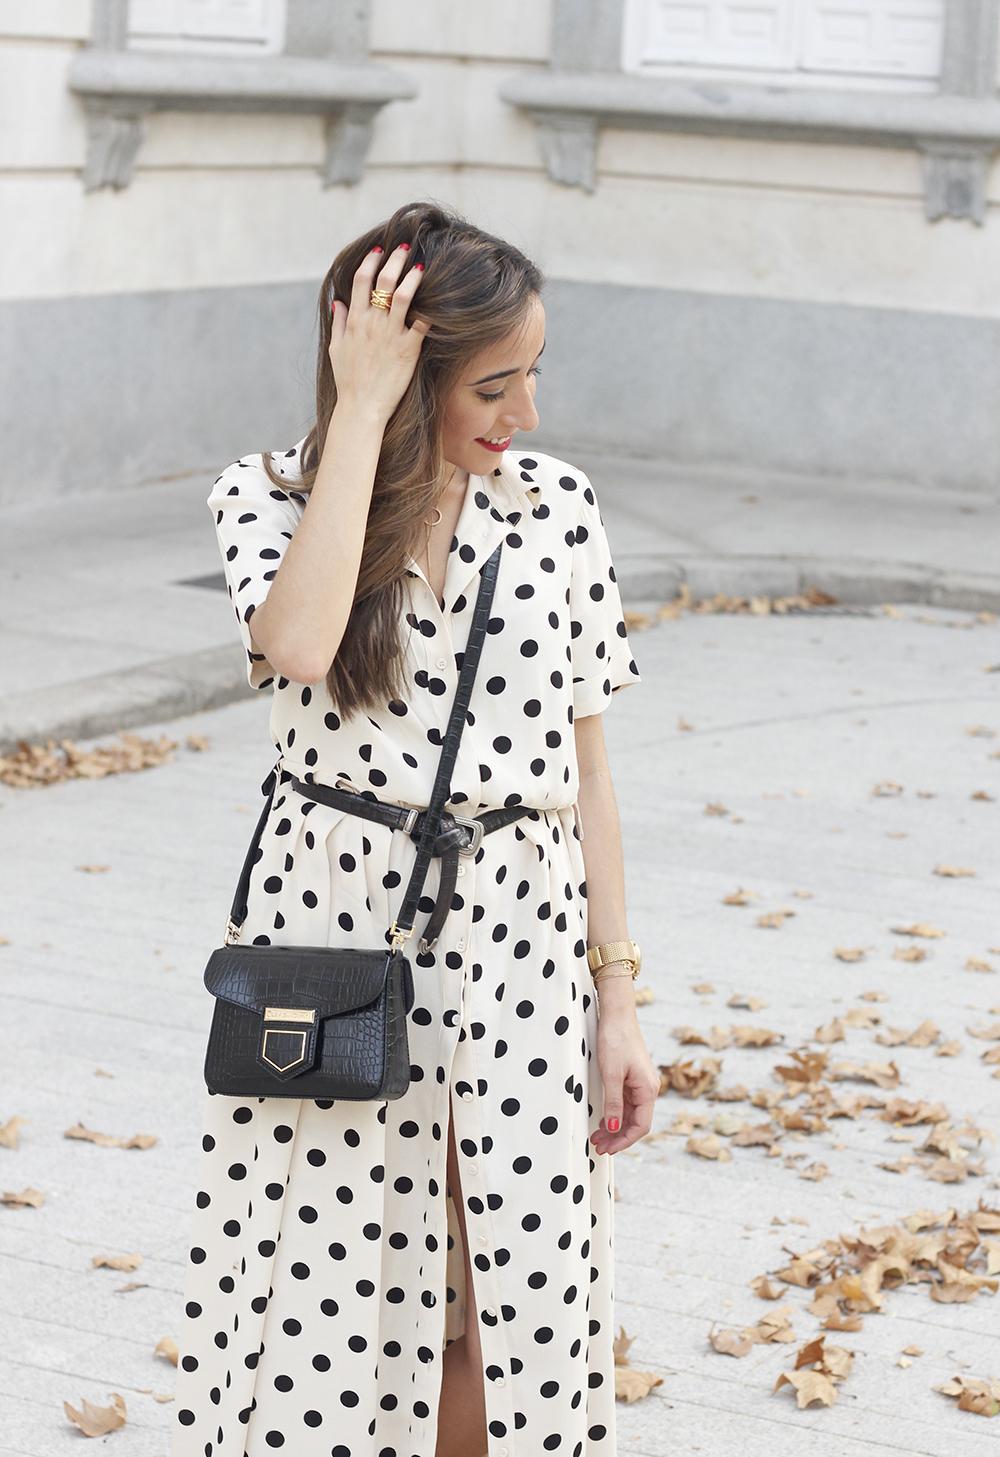 Maxi dress polka dots uterqüe converse givenchy bag summer outfit summer10